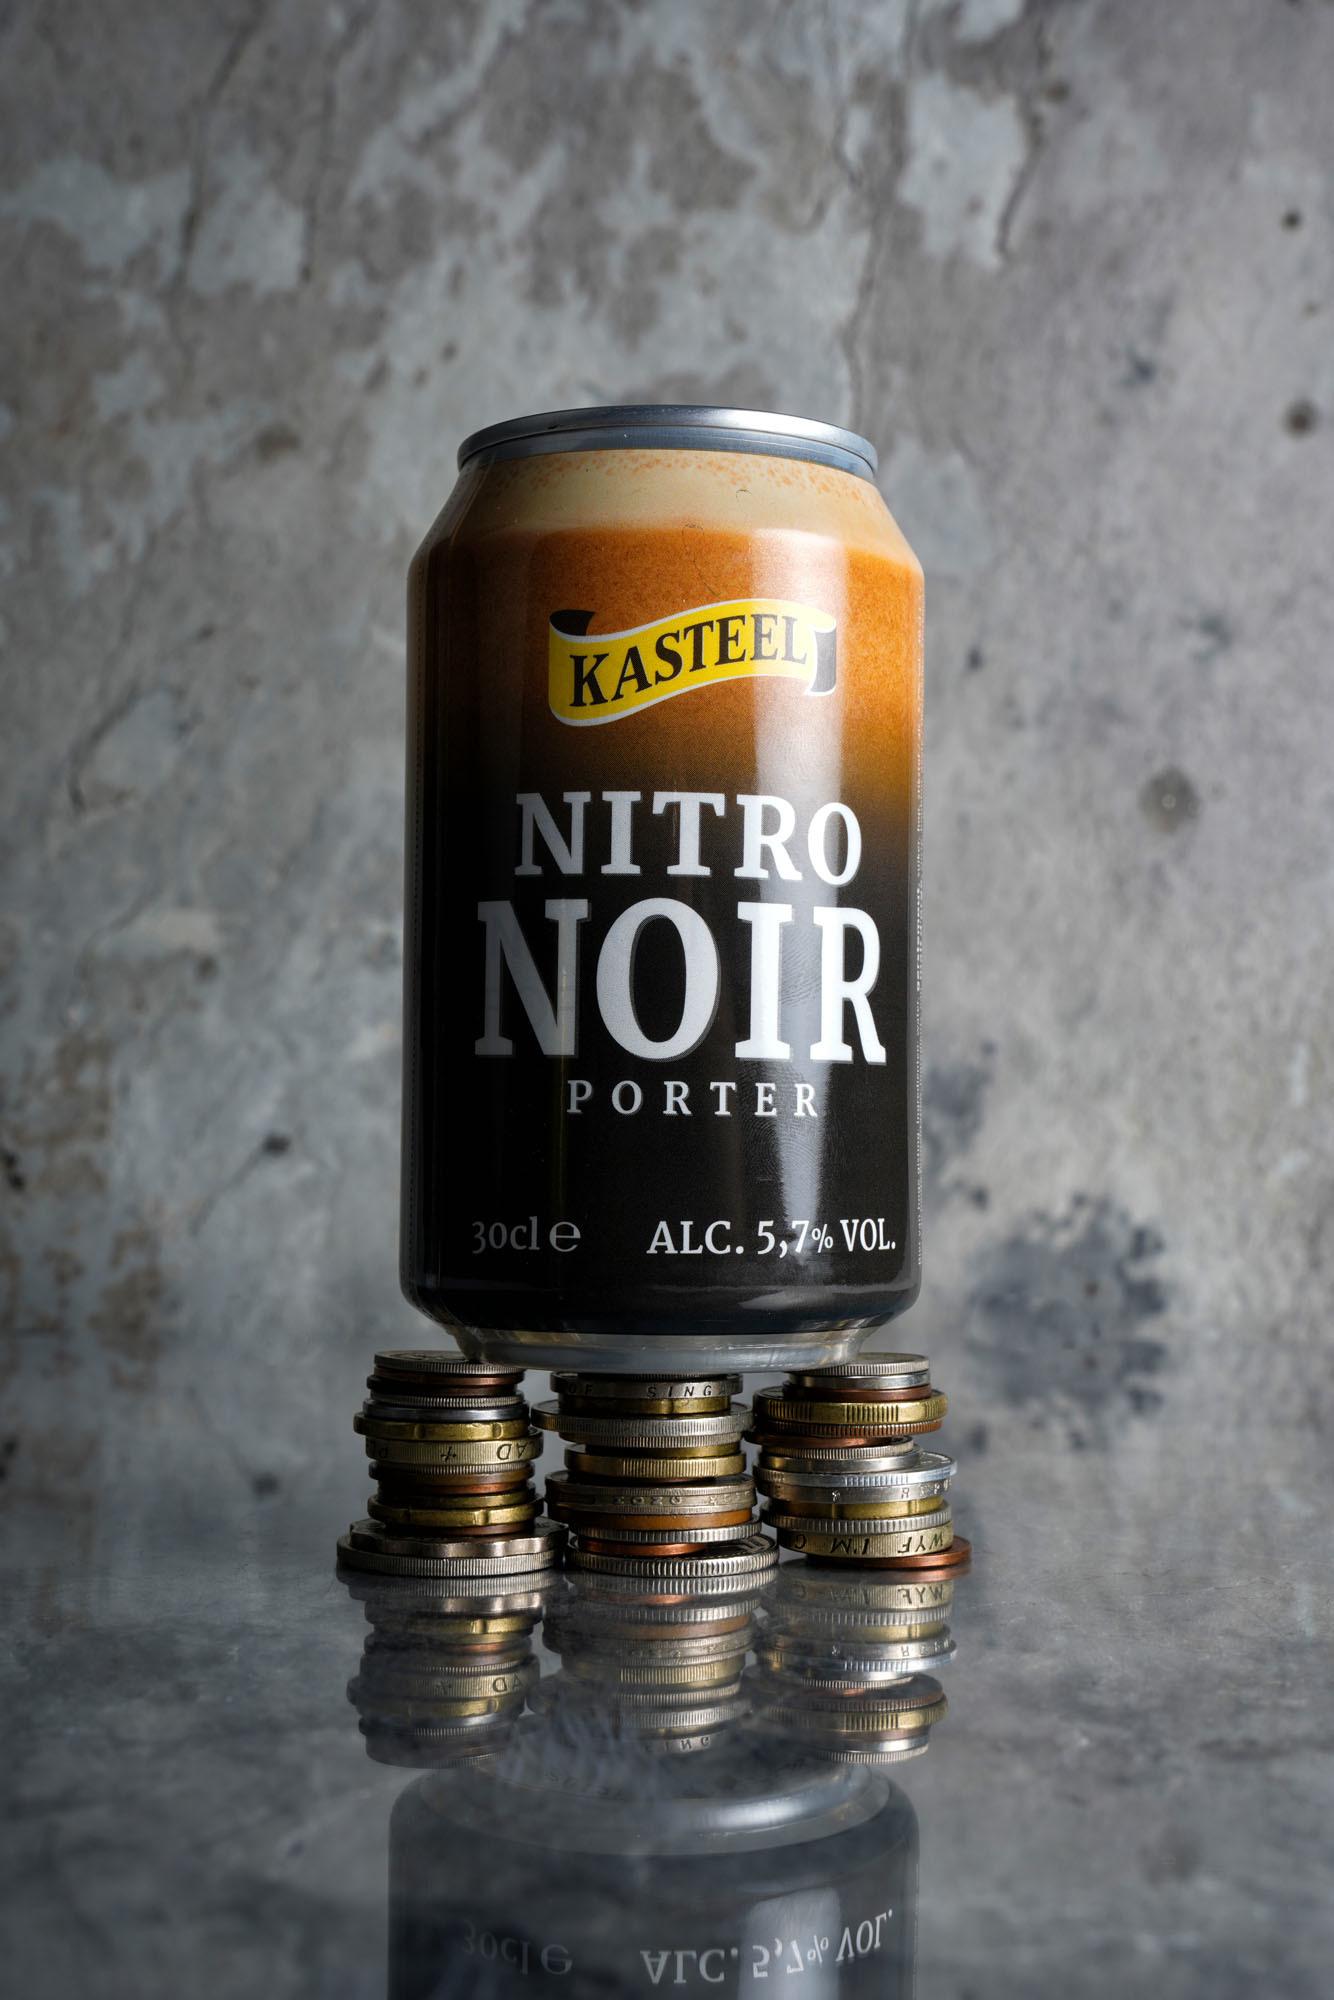 Kasteel Nitro Noir van Brouwerij van Honsebrouck